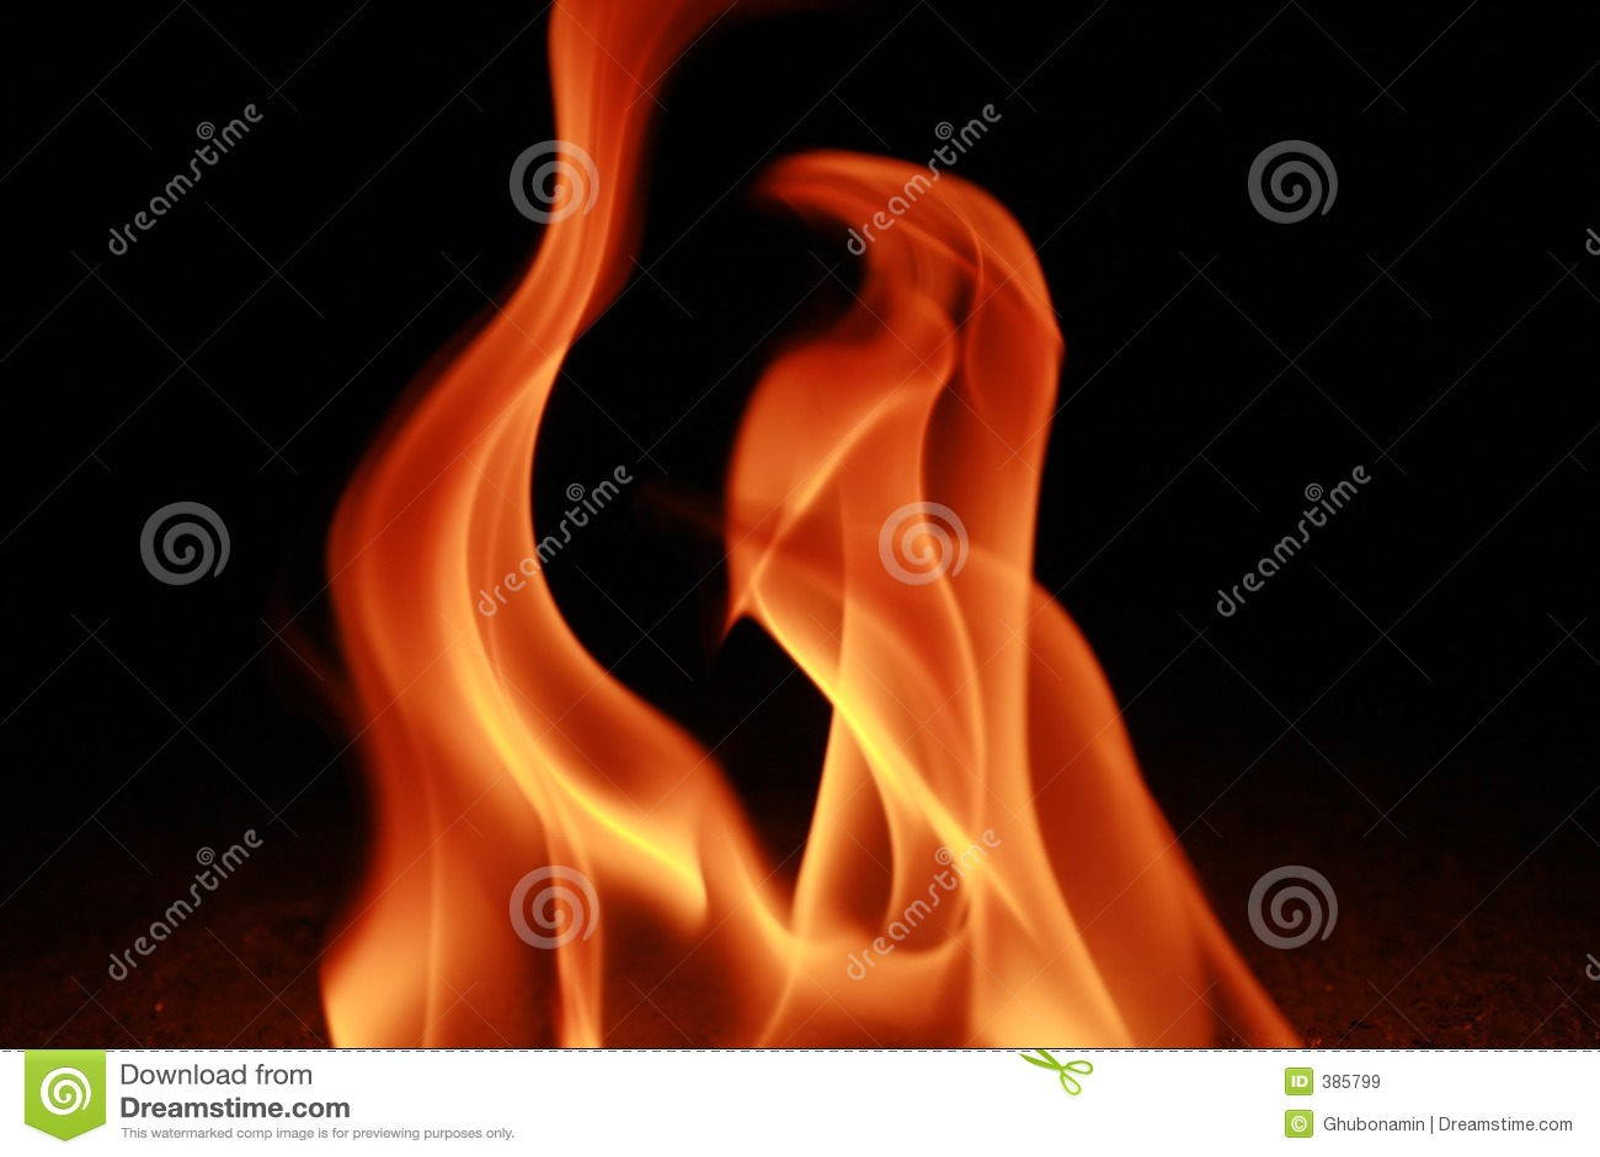 Fuoco e fiamma